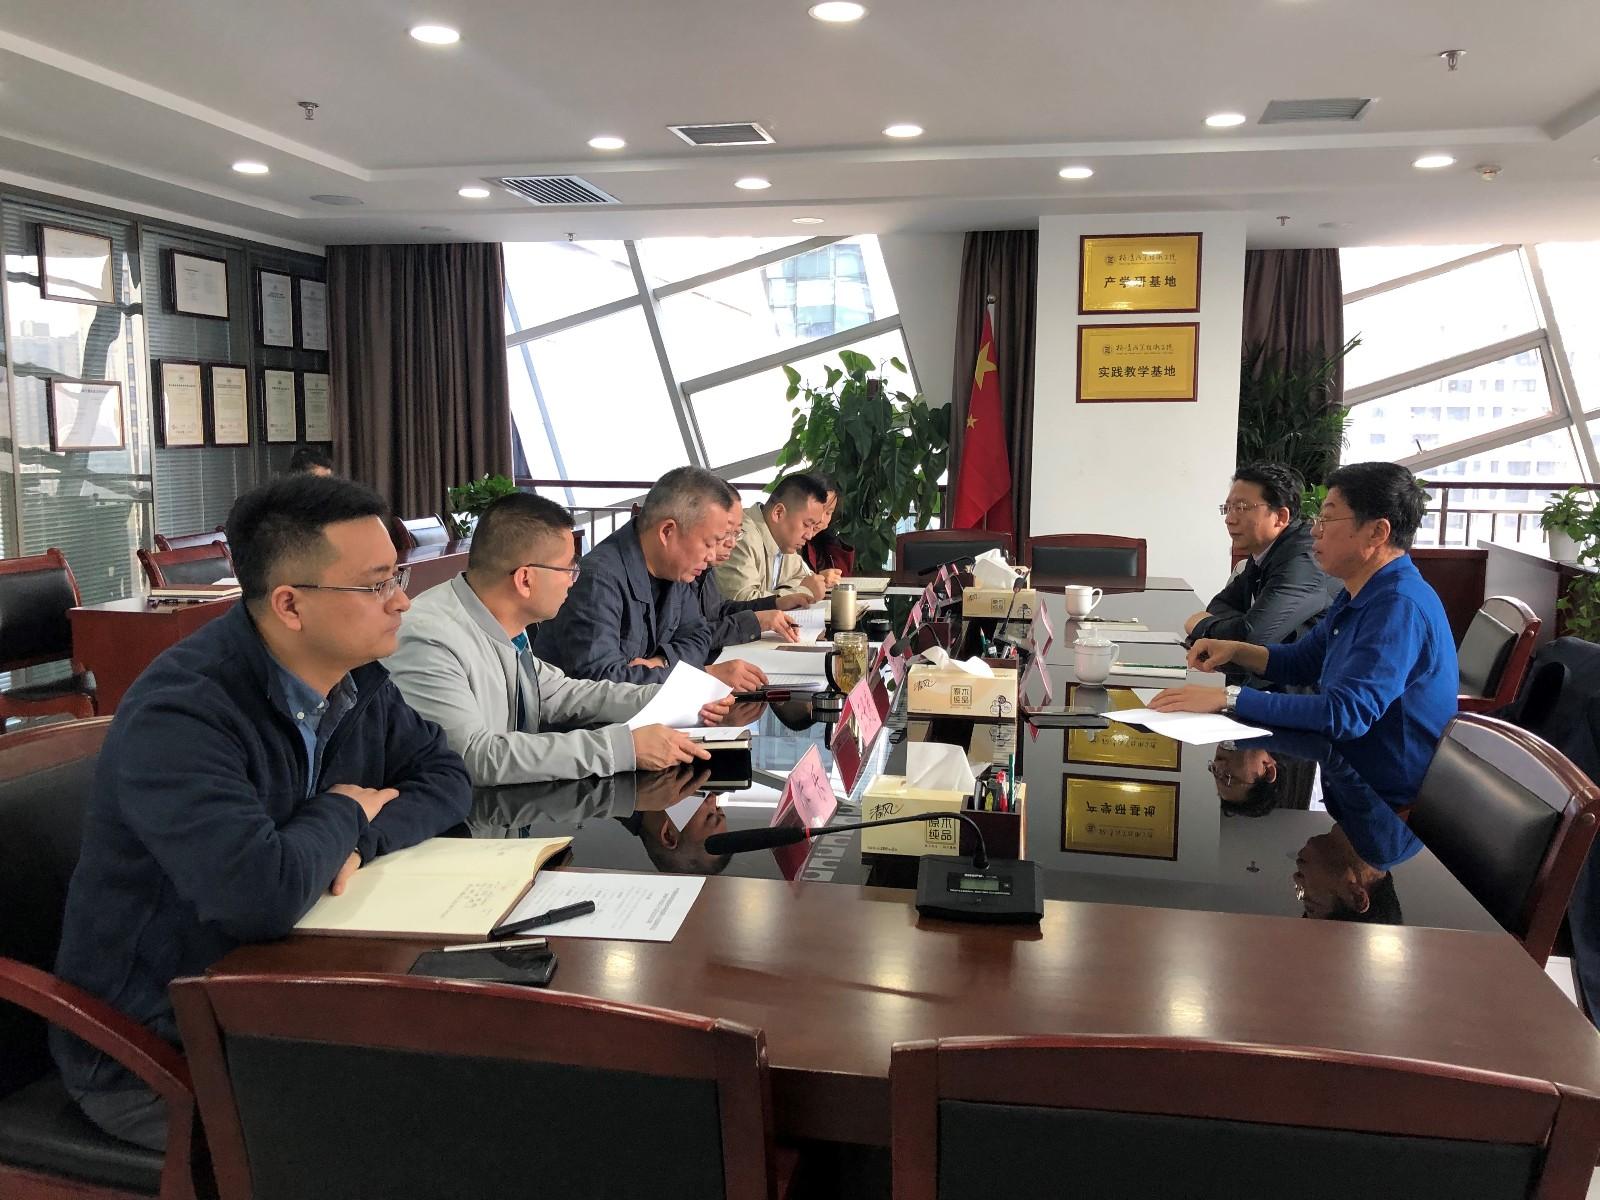 水乐天堂娱乐在线公司召开2018年度民主生活会